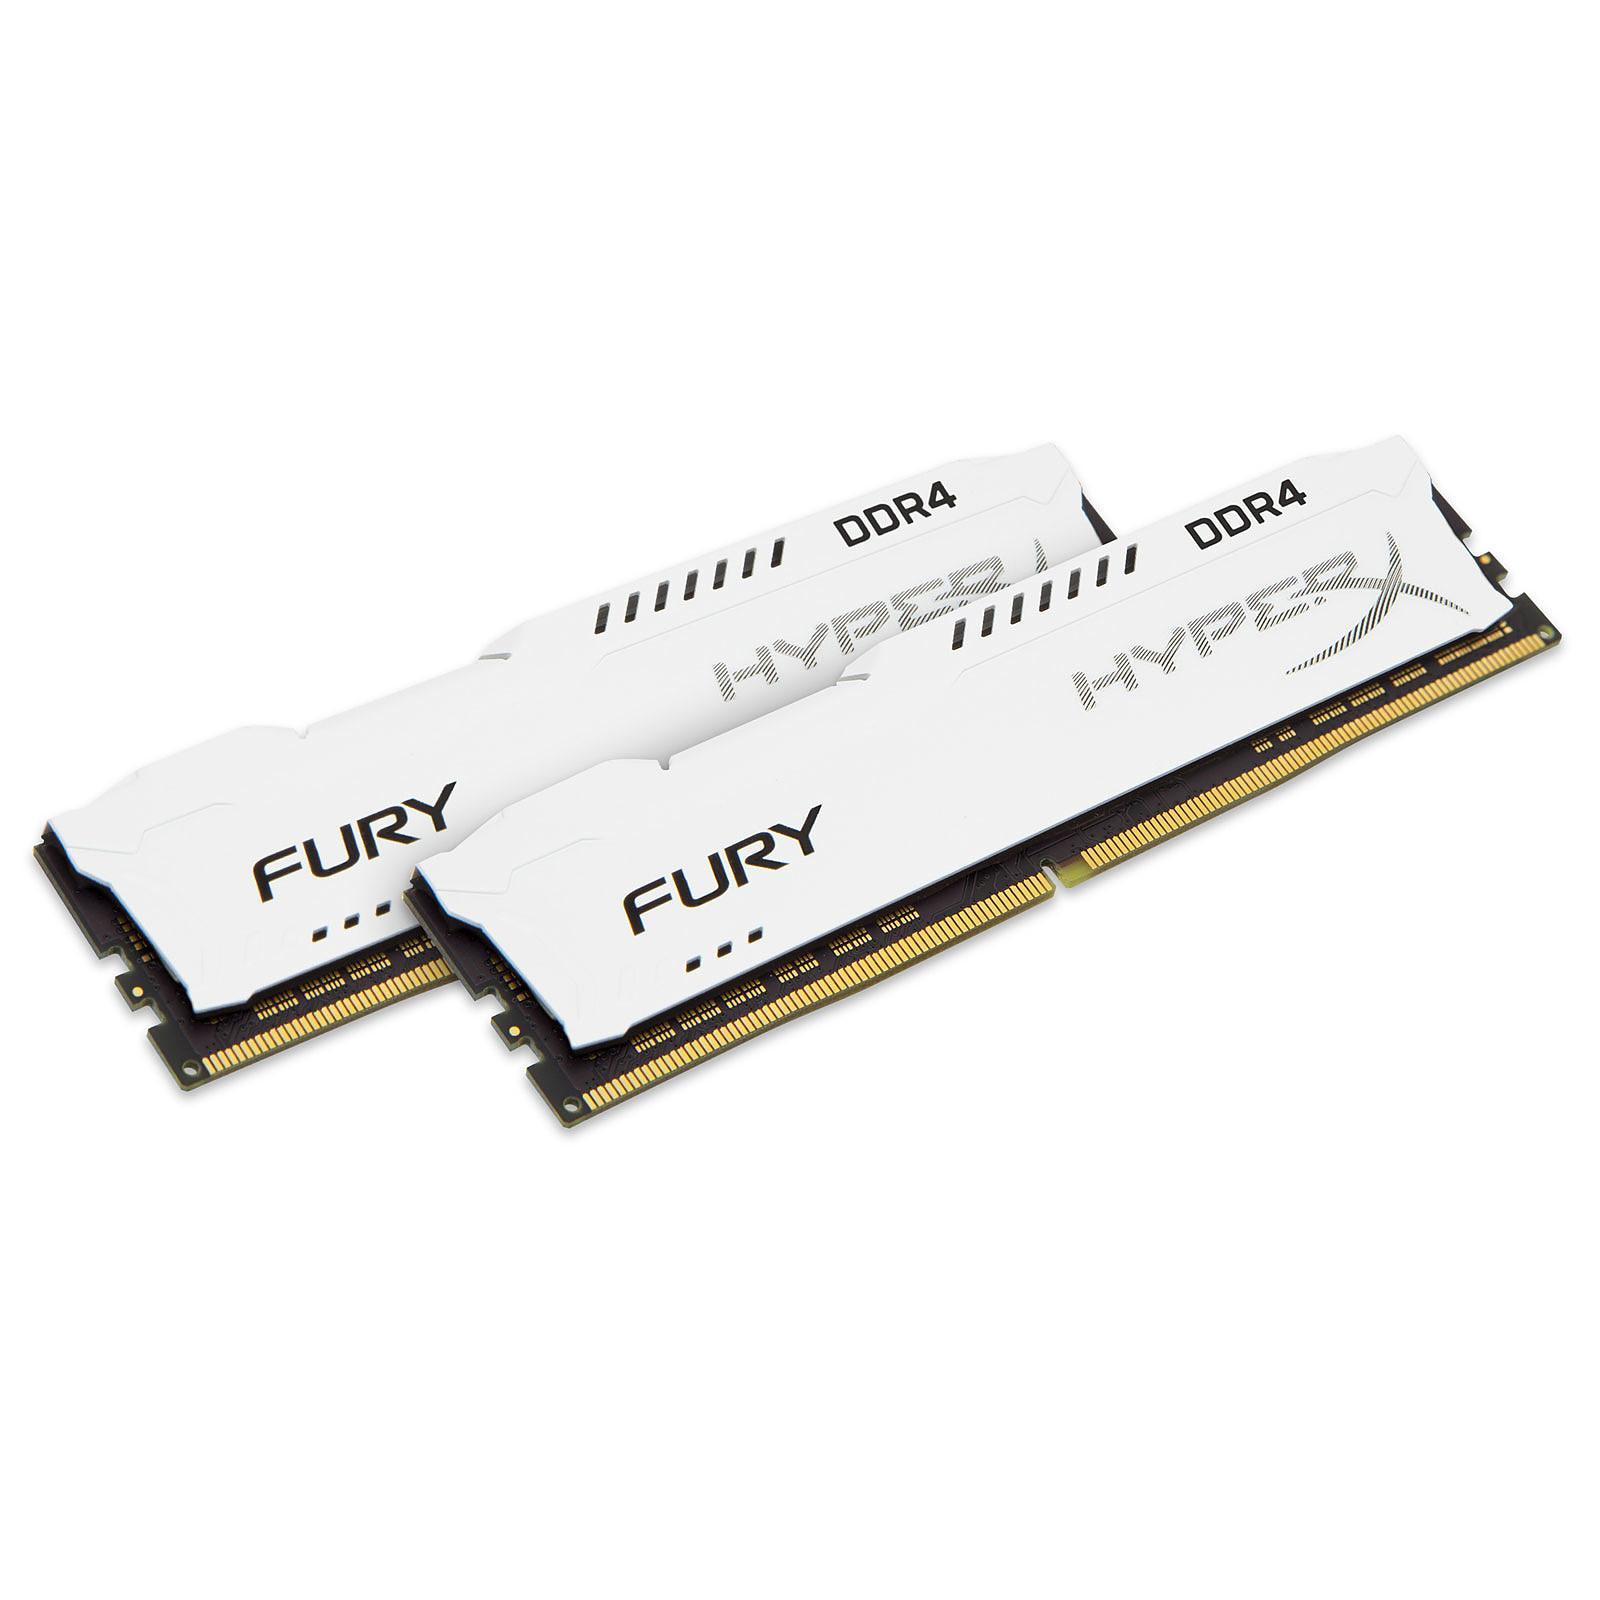 HyperX Fury Blanc 32 Go (2x 16Go) DDR4 2400 MHz CL15